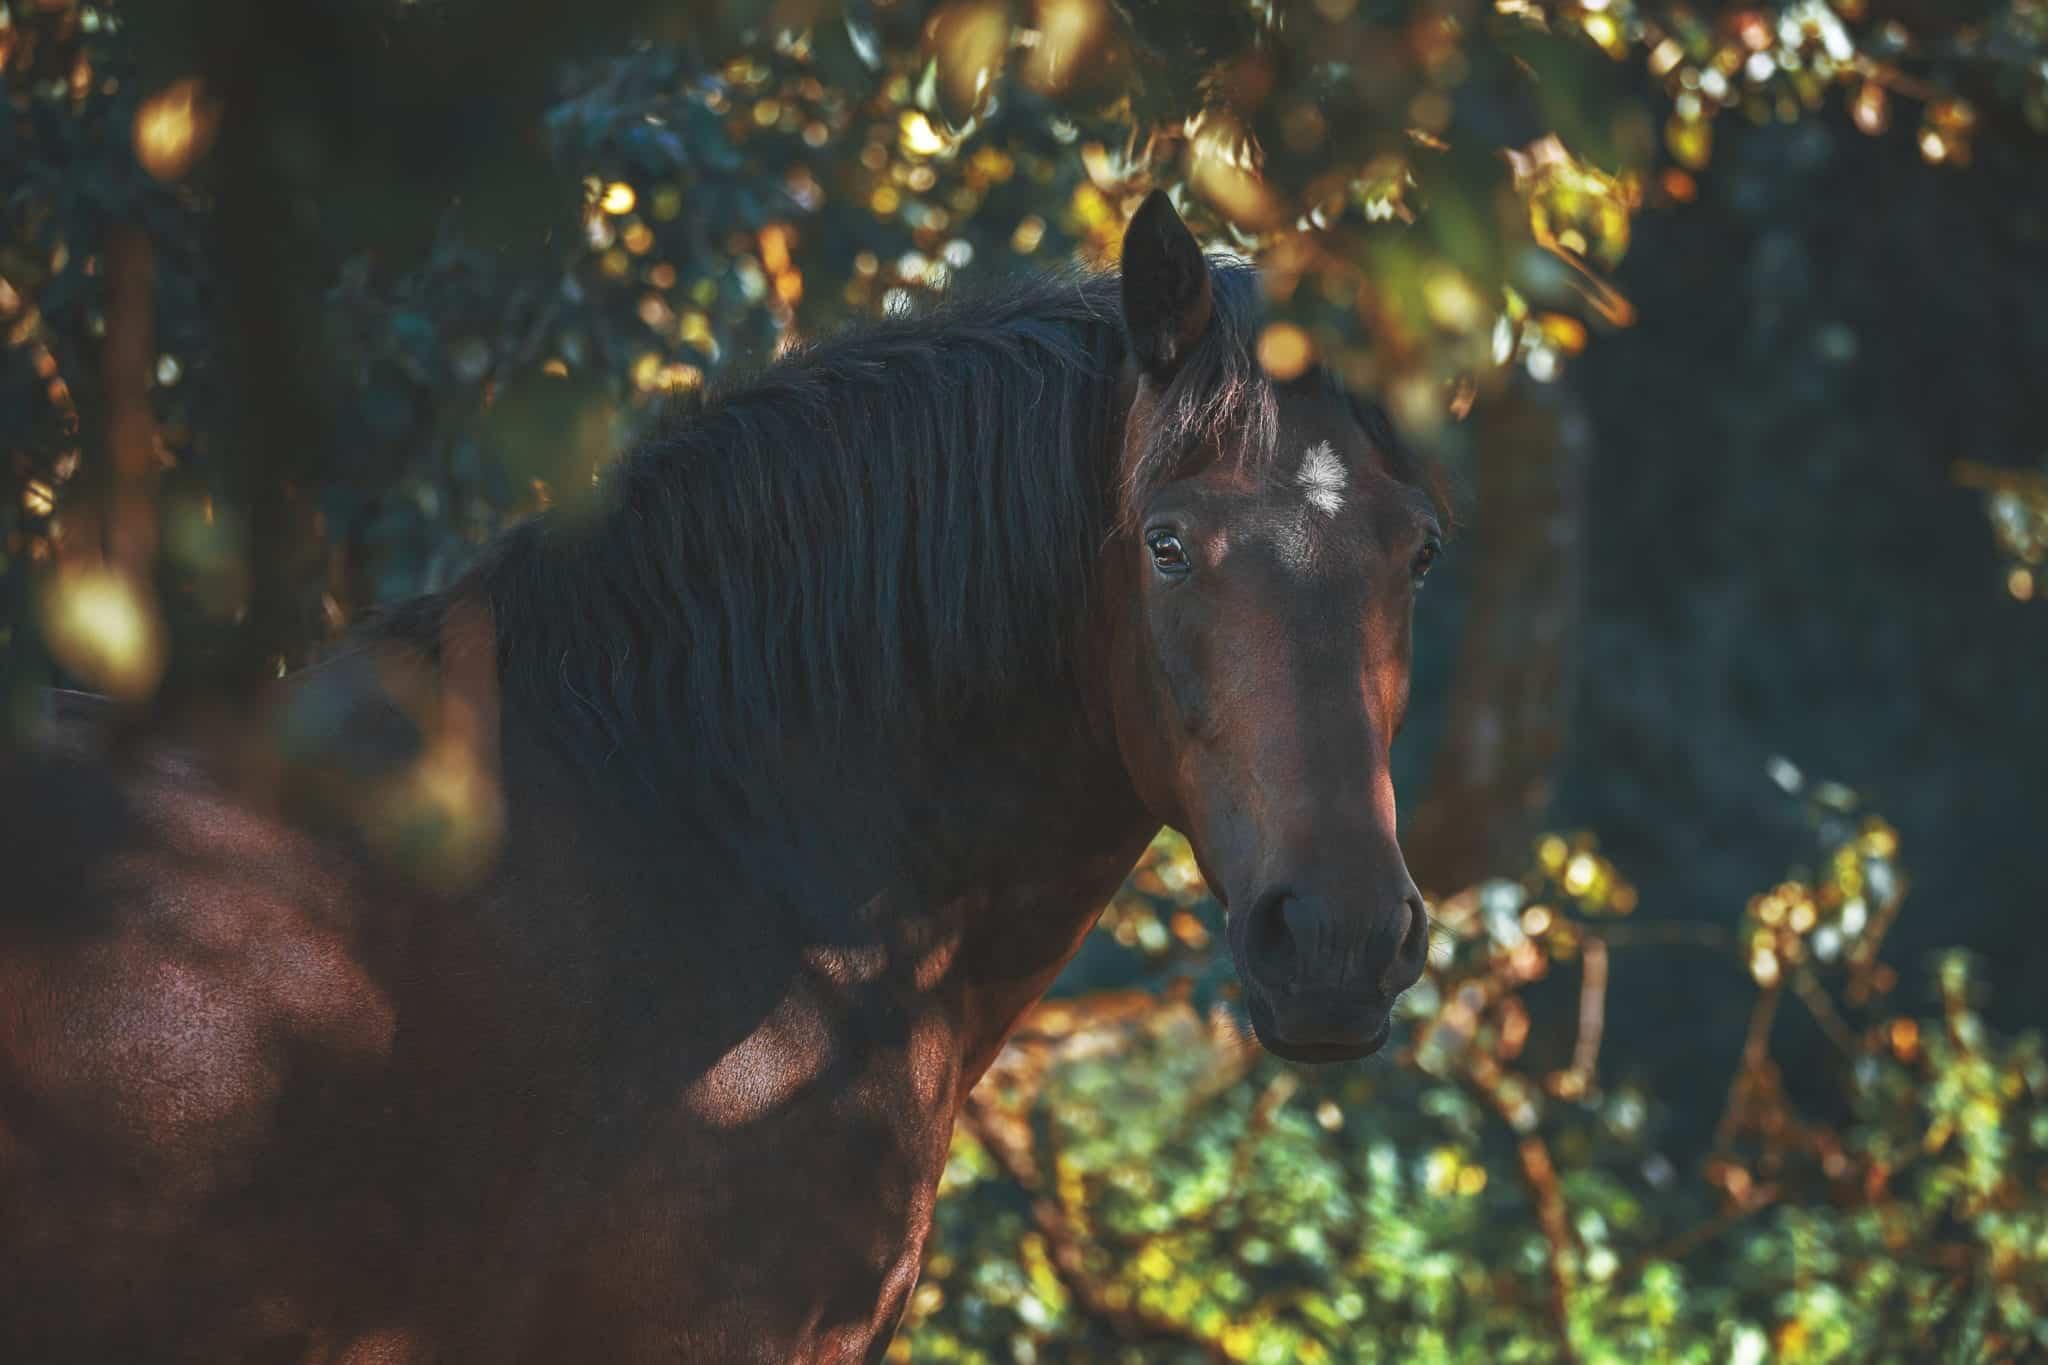 bay horse coat color